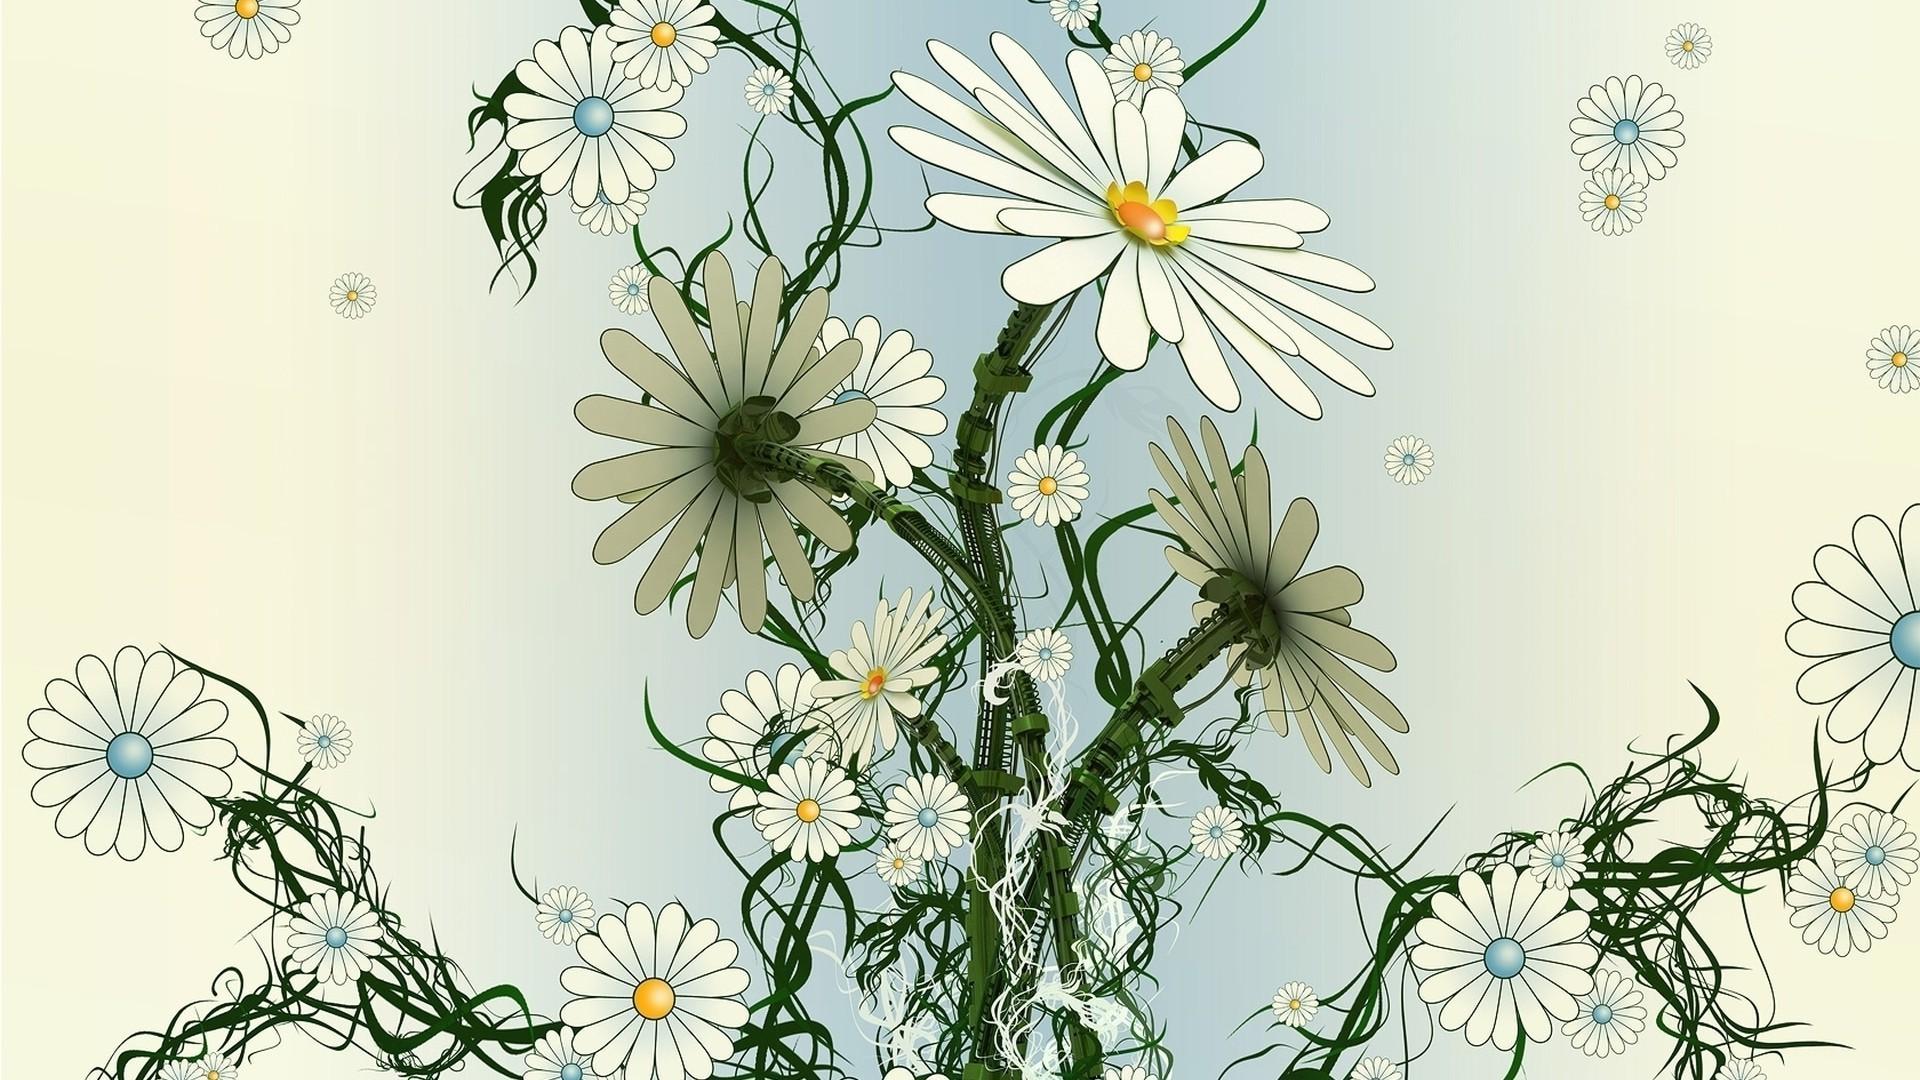 Картинки композиции цветов ромашки нарисованные, для подружки невесты